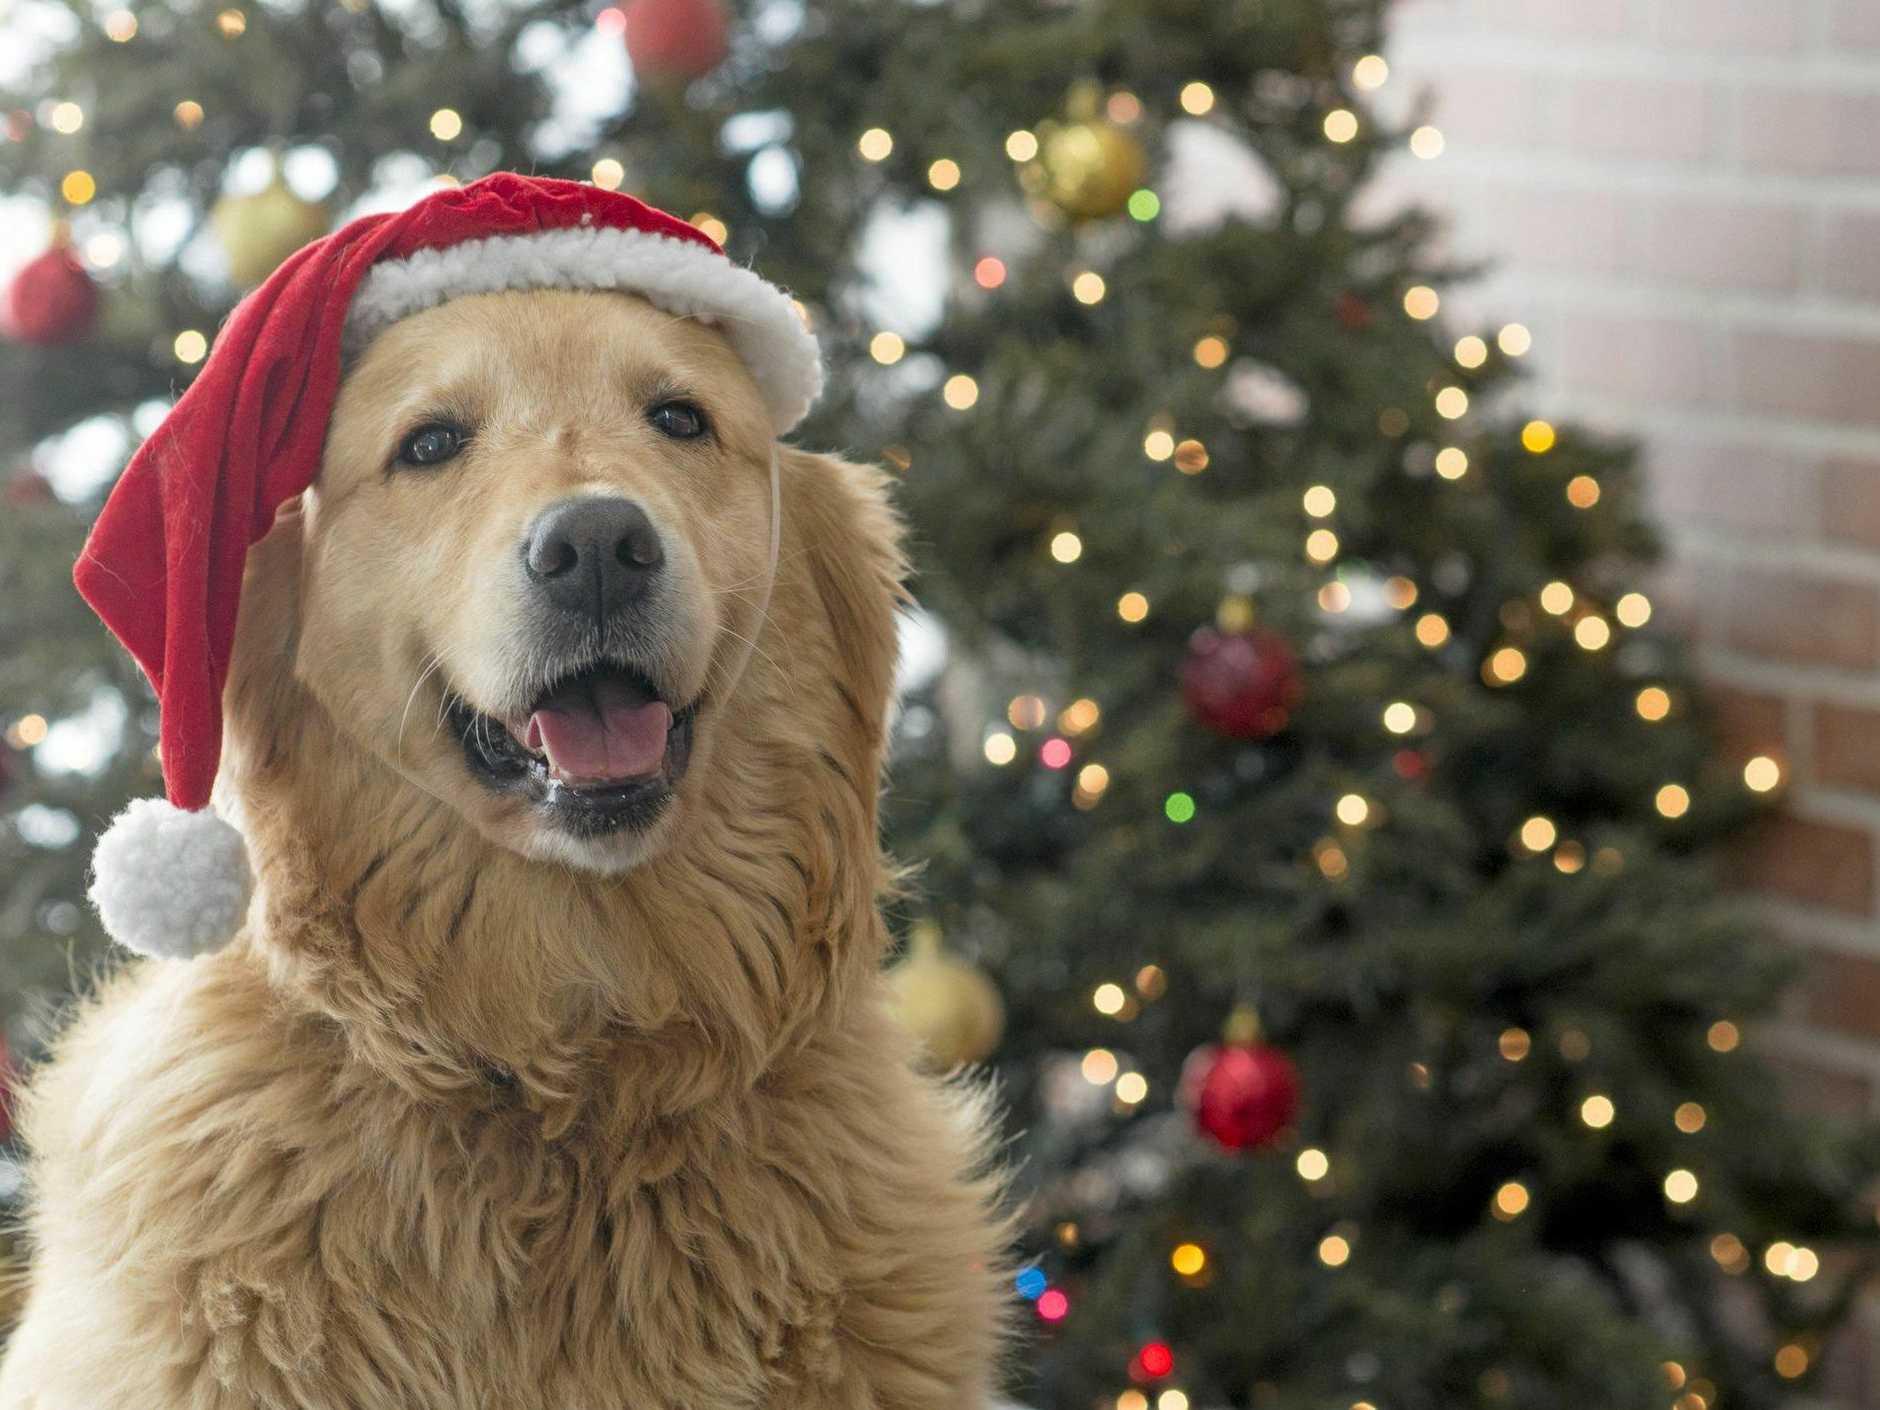 Free Santa photos at Eli Waters Shopping Centre.